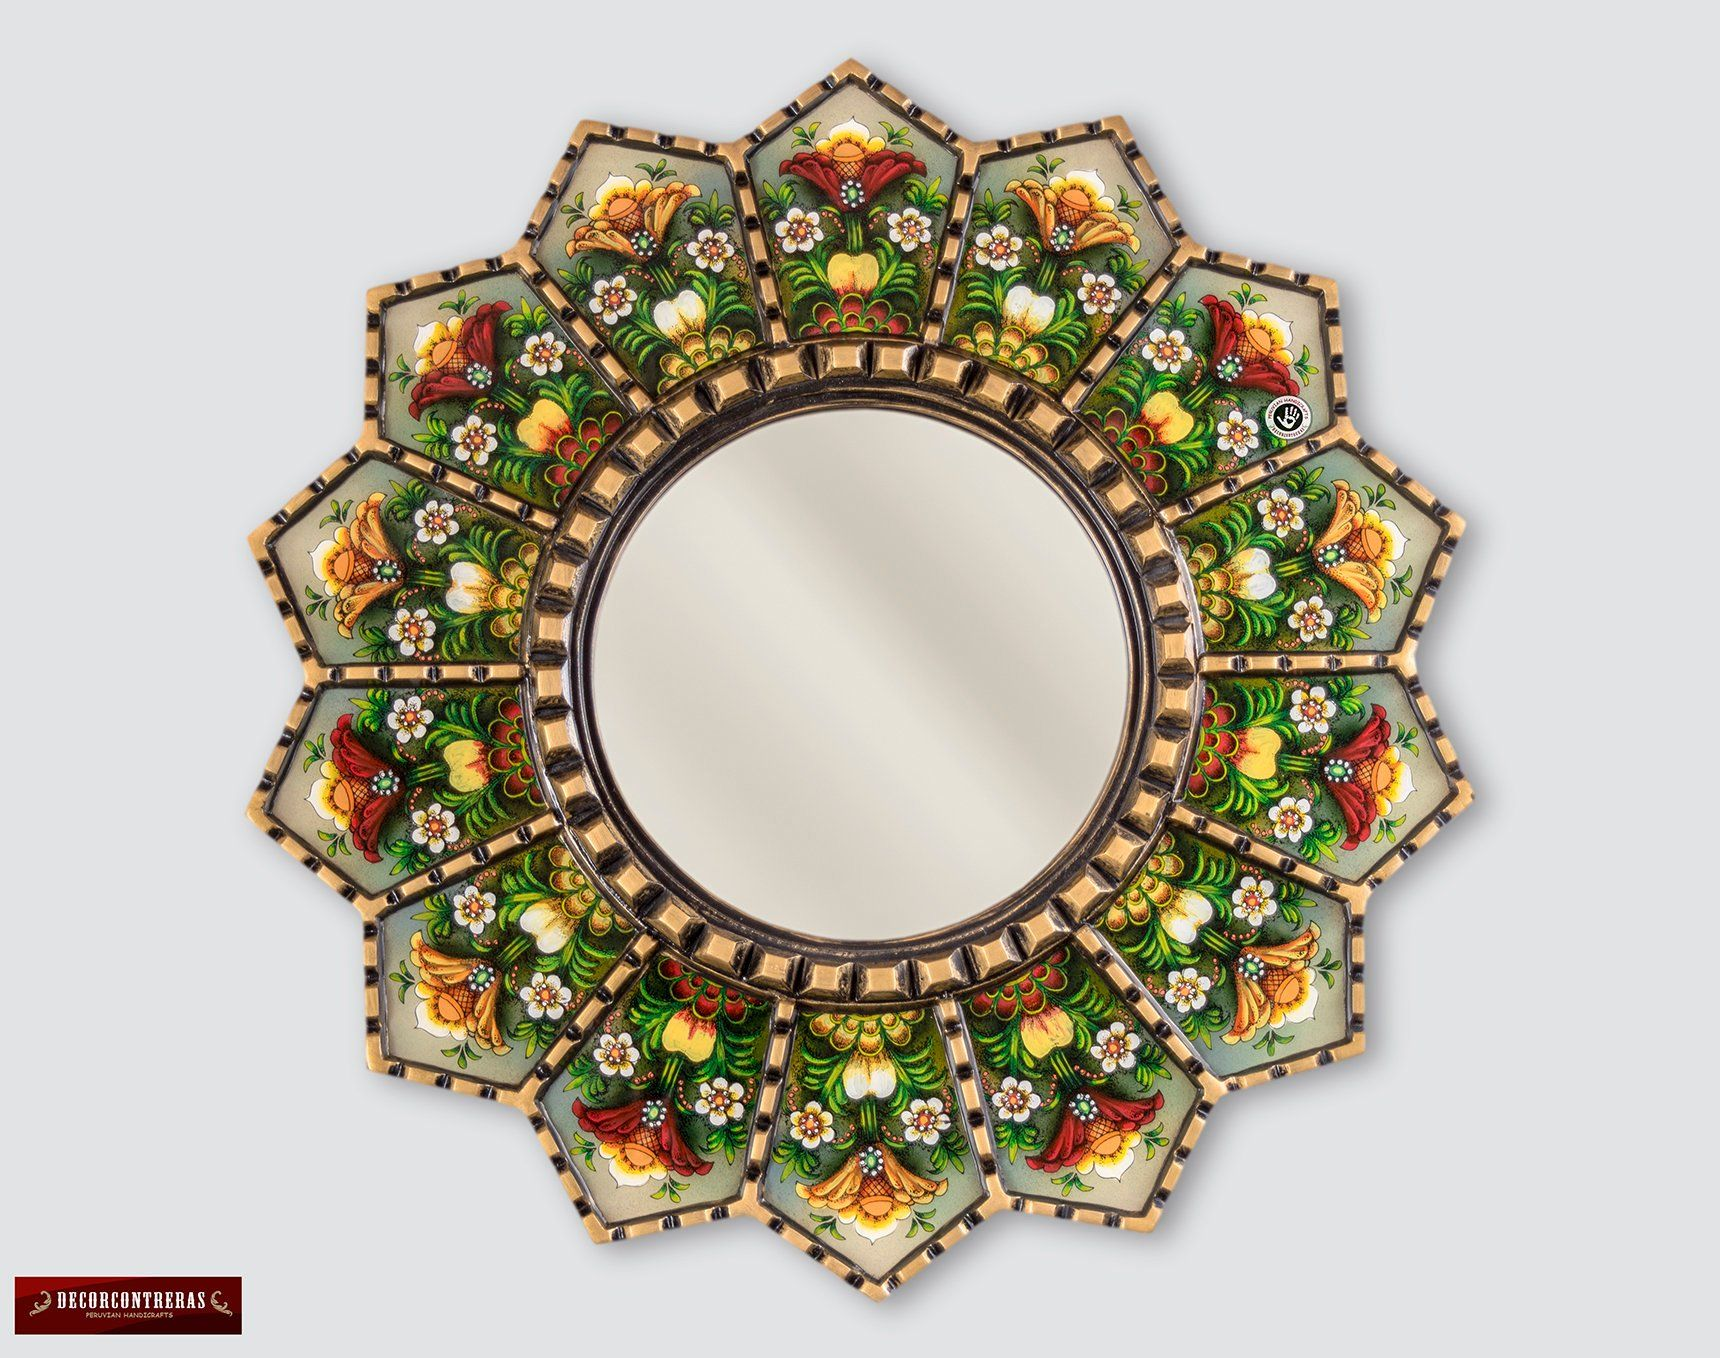 Peruvian Luxury Round Mirror 23 6 Wall Hanging Round Mirrors